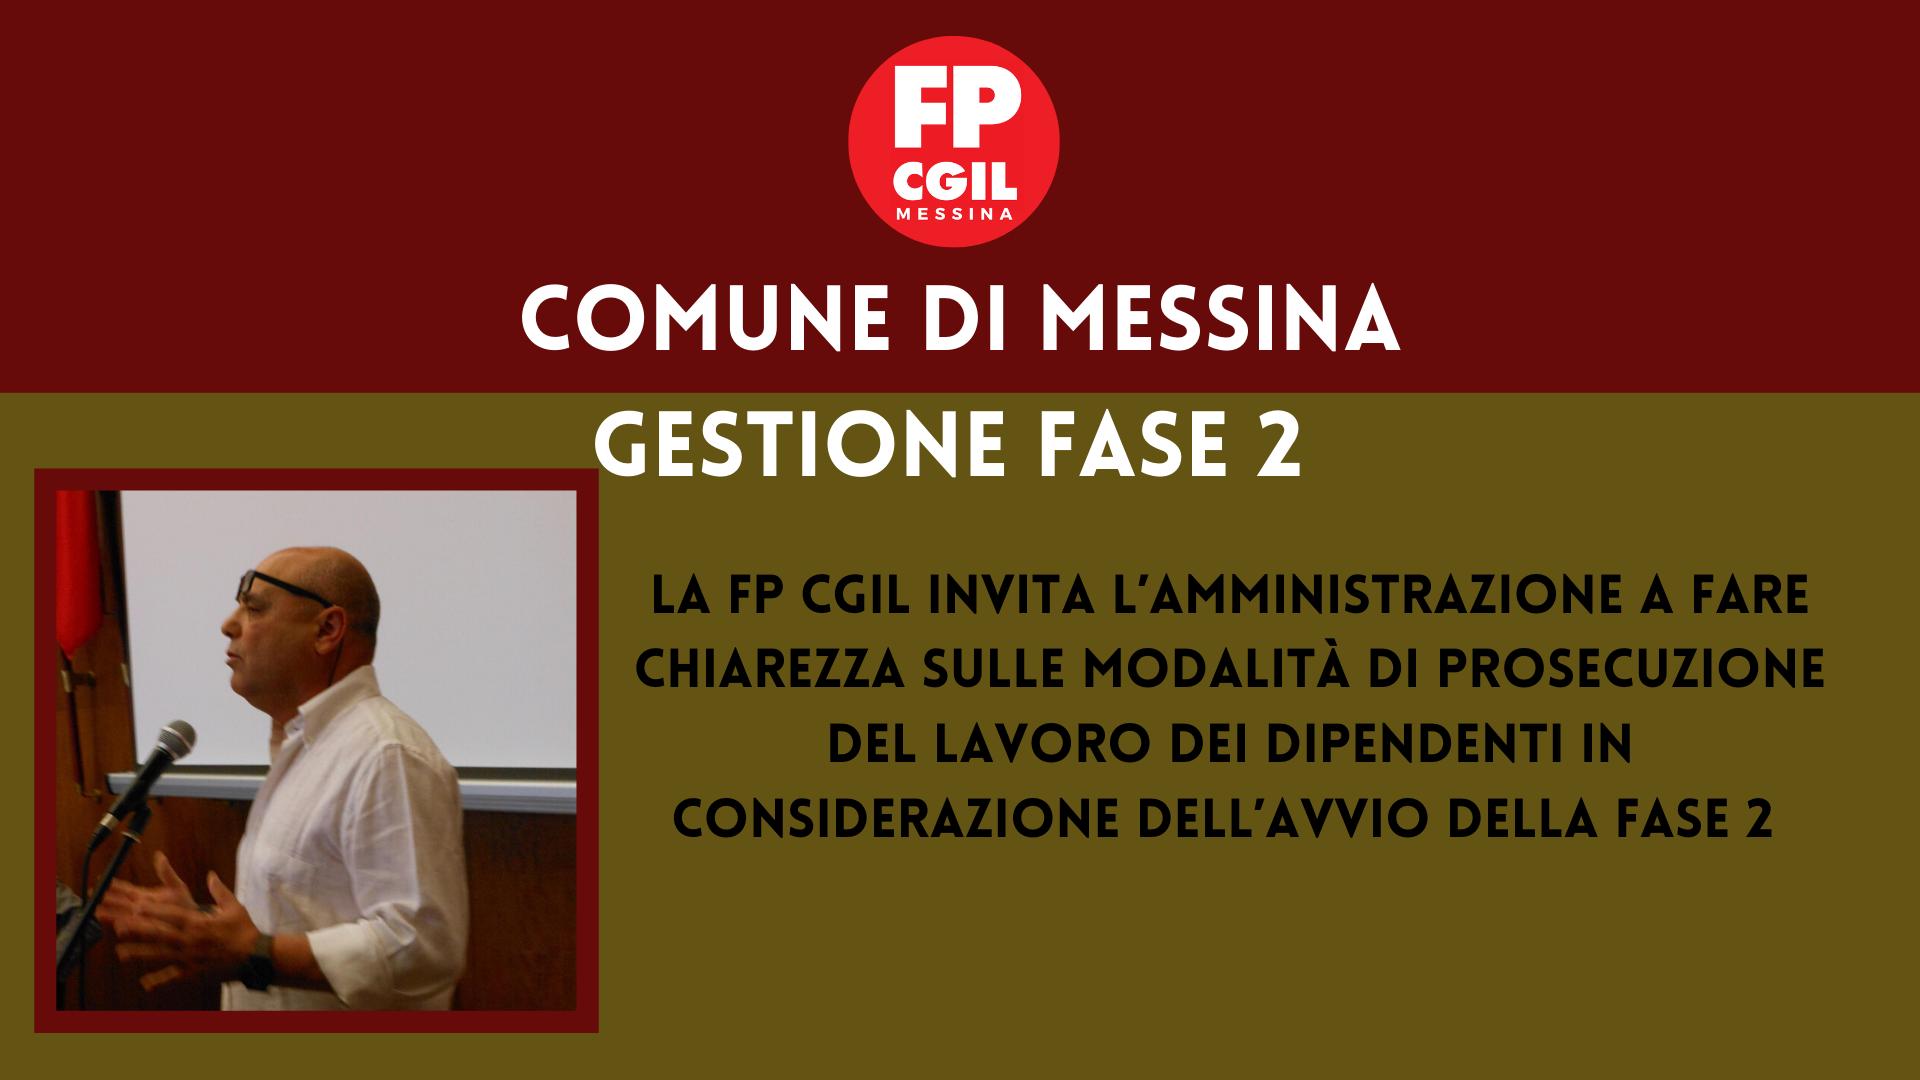 Comune di Messina, la FP CGIL invita l'Amministrazione a fare chiarezza sulle modalità di prosecuzione del lavoro dei dipendenti in considerazione dell'avvio della Fase 2